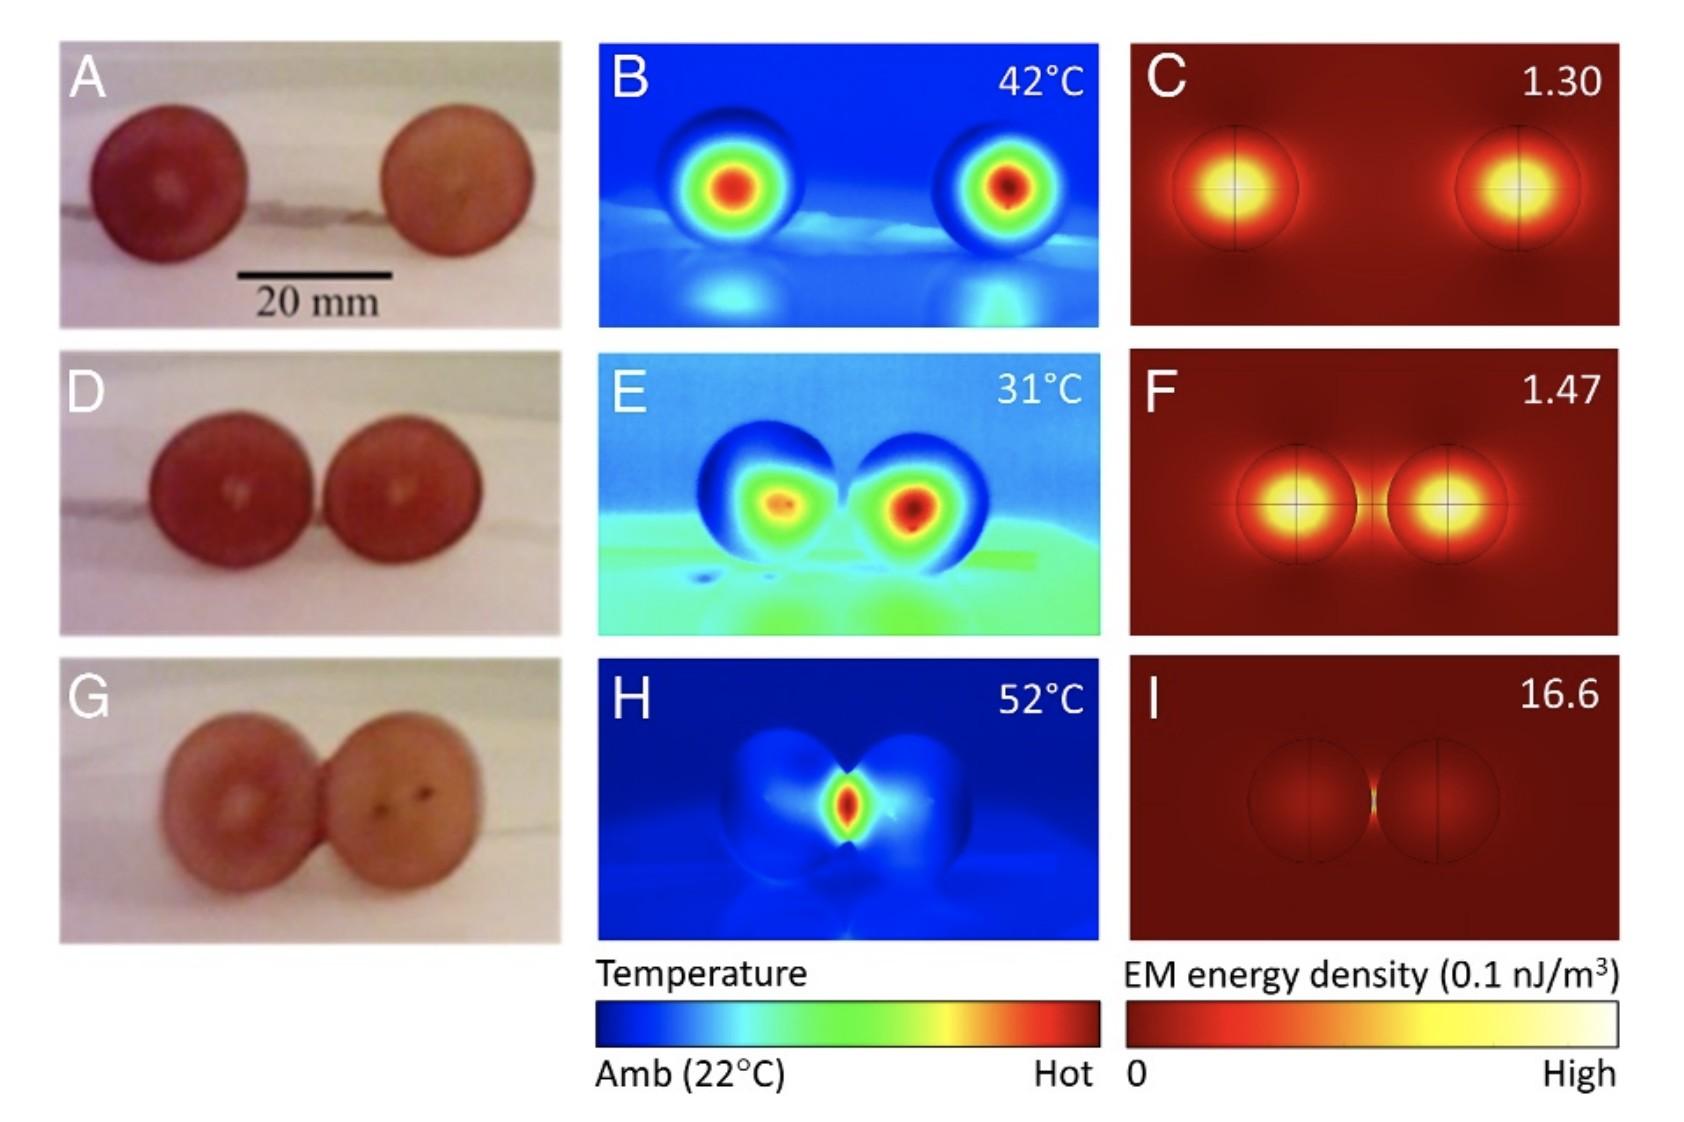 Análise de temperatura das uvas no micro-ondas (Foto: Khattak et al., PNAS, 2019)